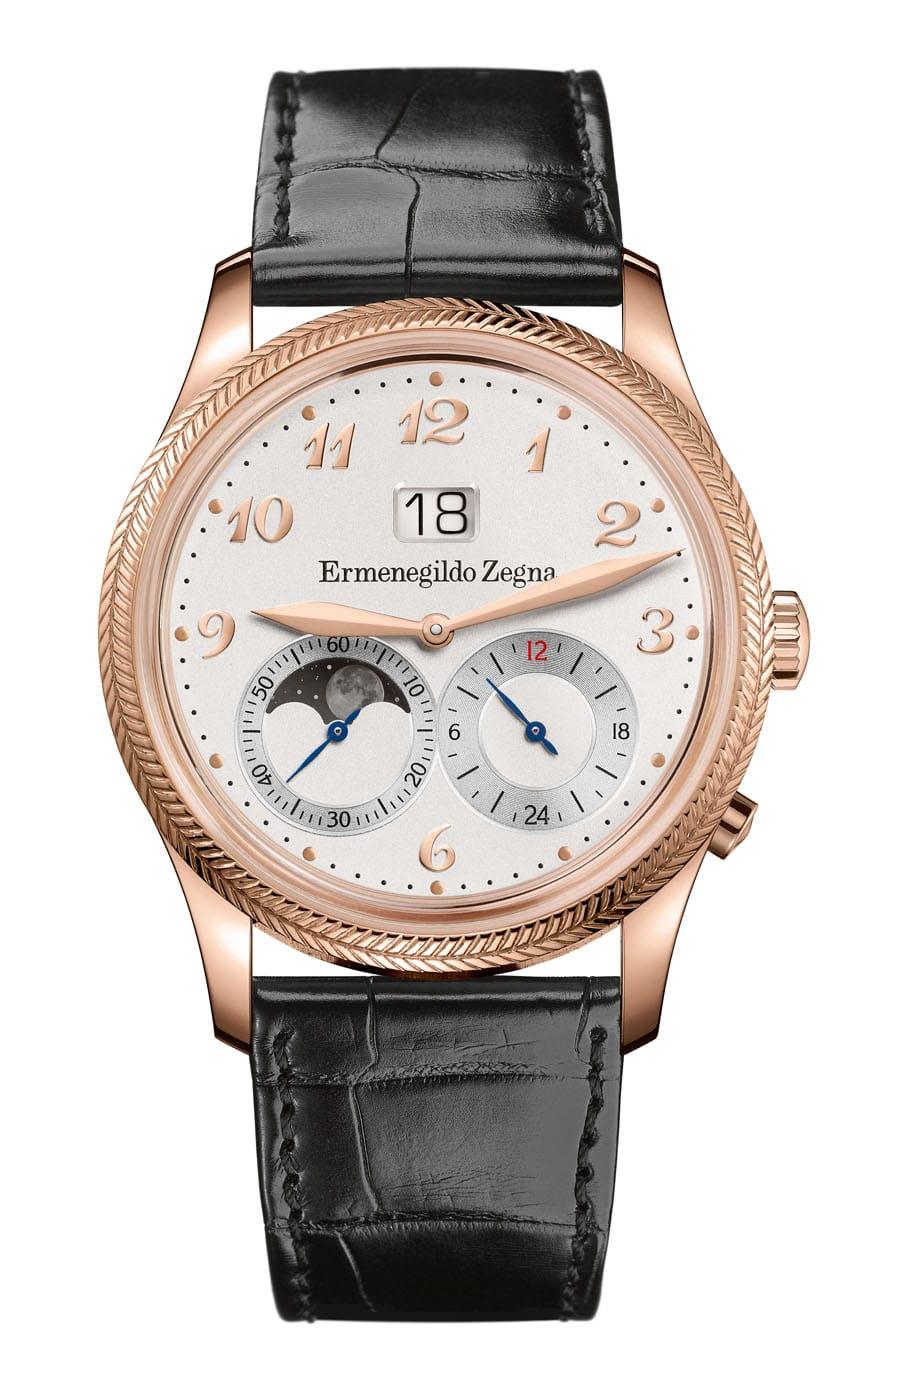 Ermenegildo Zegna: Monterubello Travel Watch